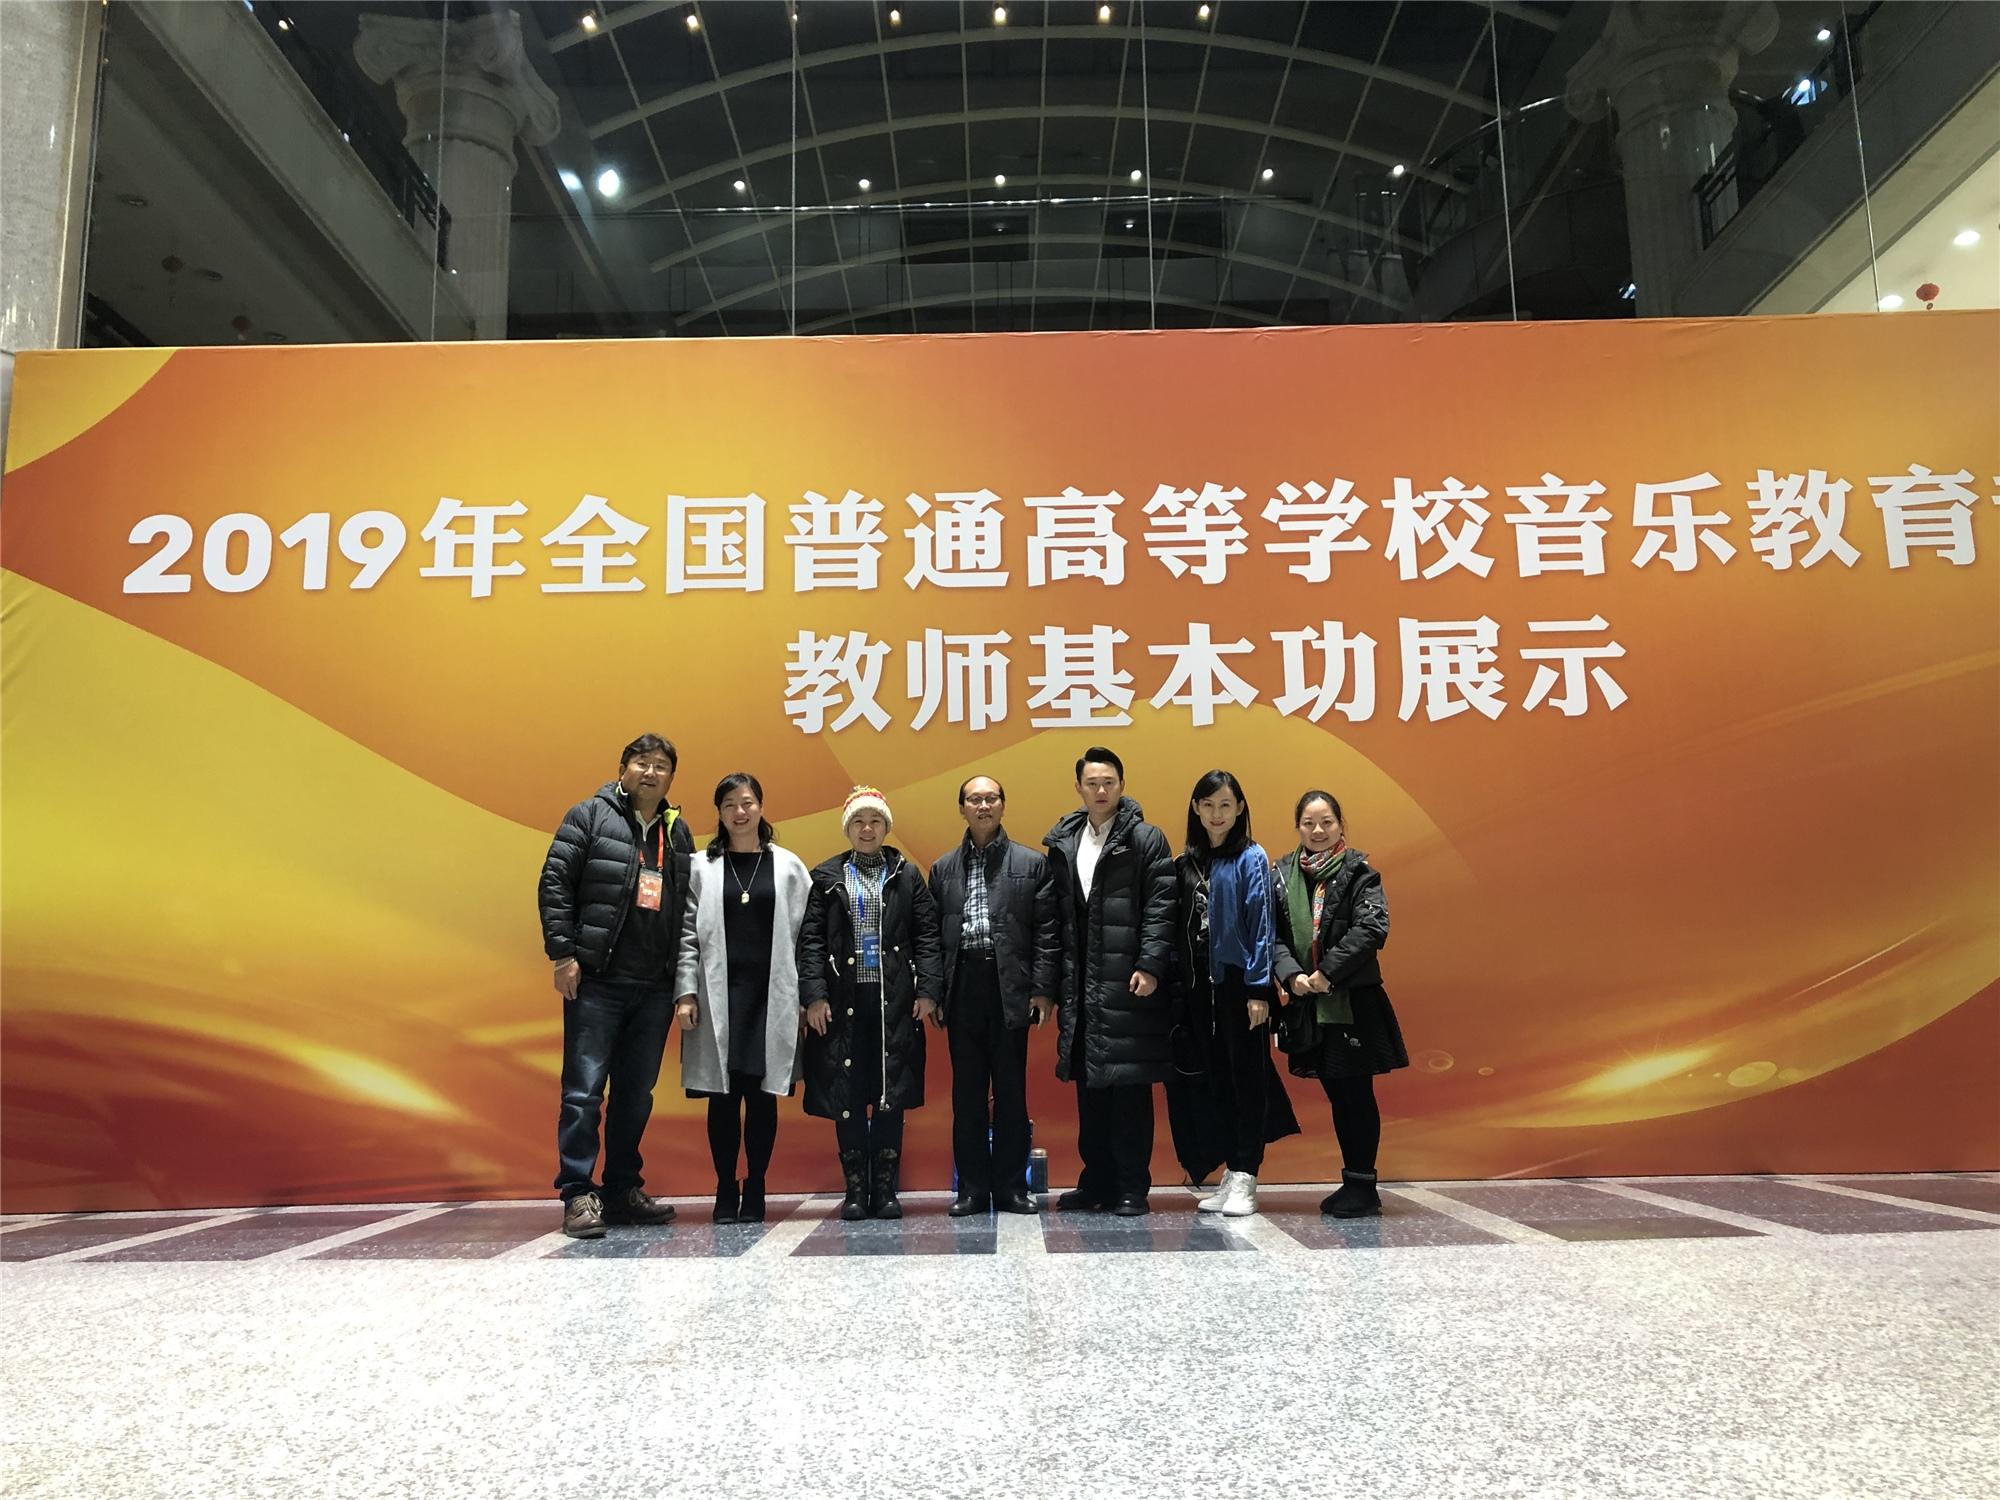 音乐学院青年教师符南荣获全国高校音乐教育专业教师基本功声乐展示第一名